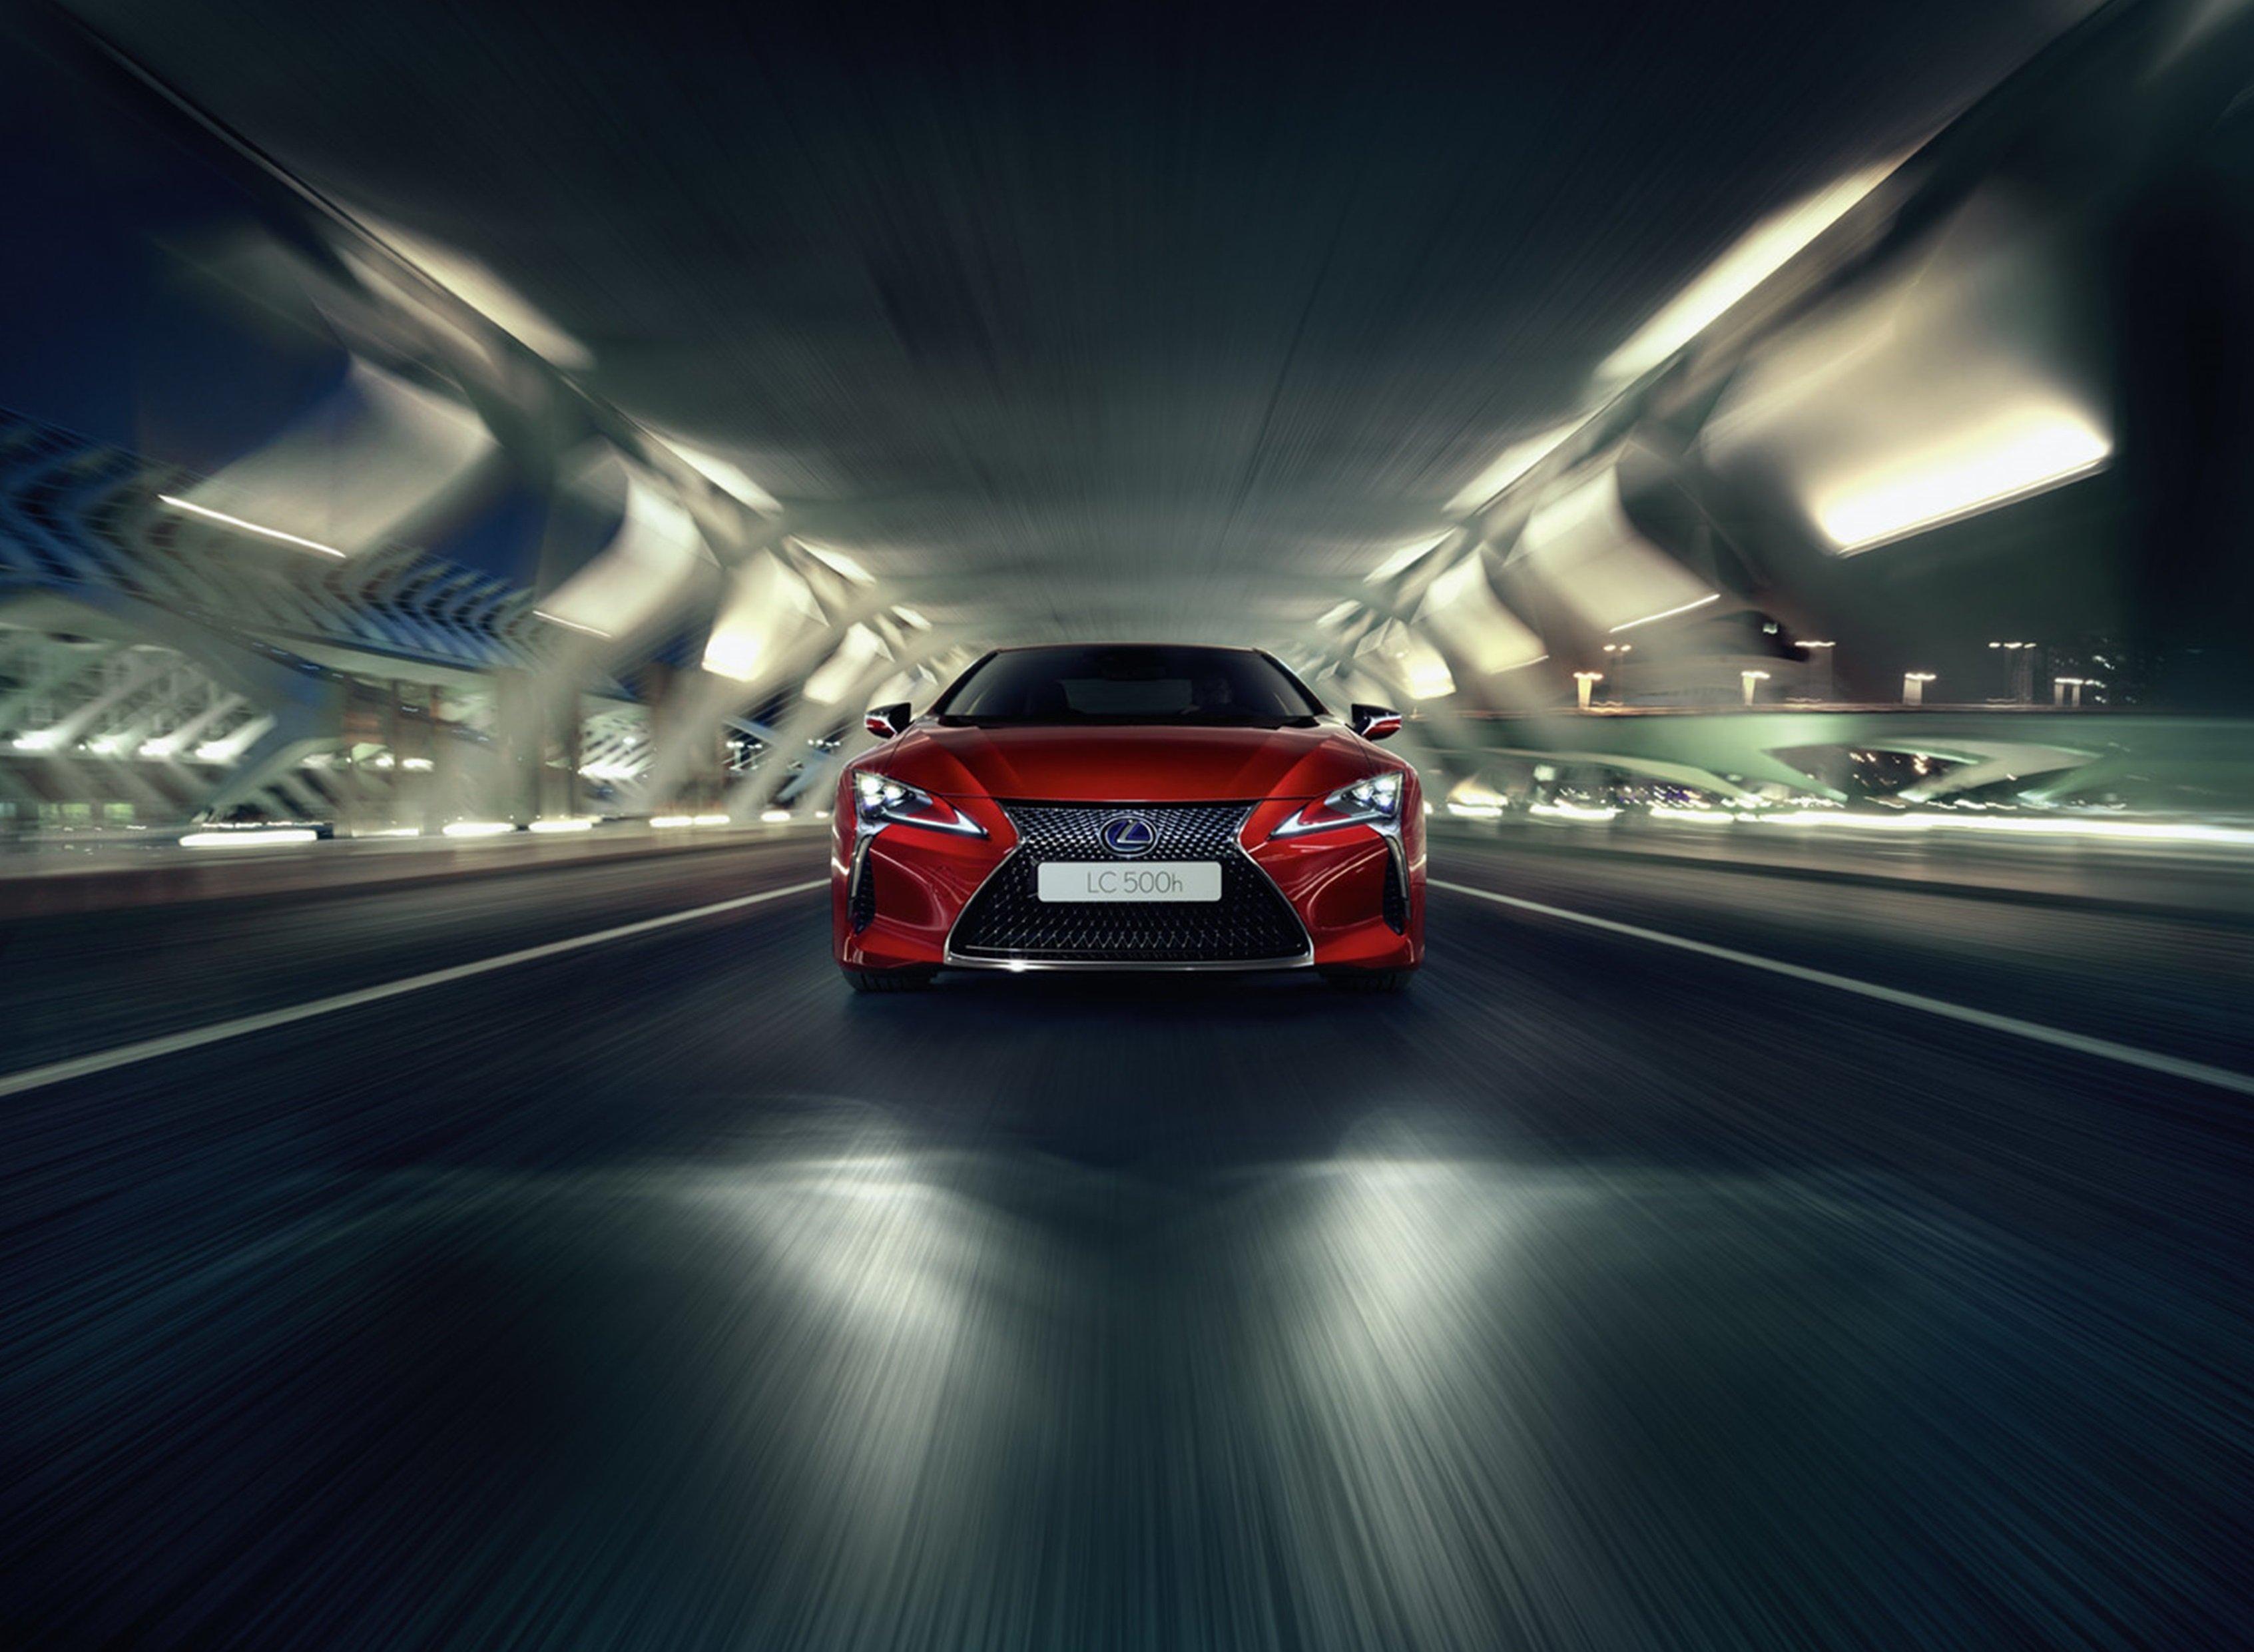 Vista frontal del nuevo Lexus LC 500h rojo durante su conducción en un túnel